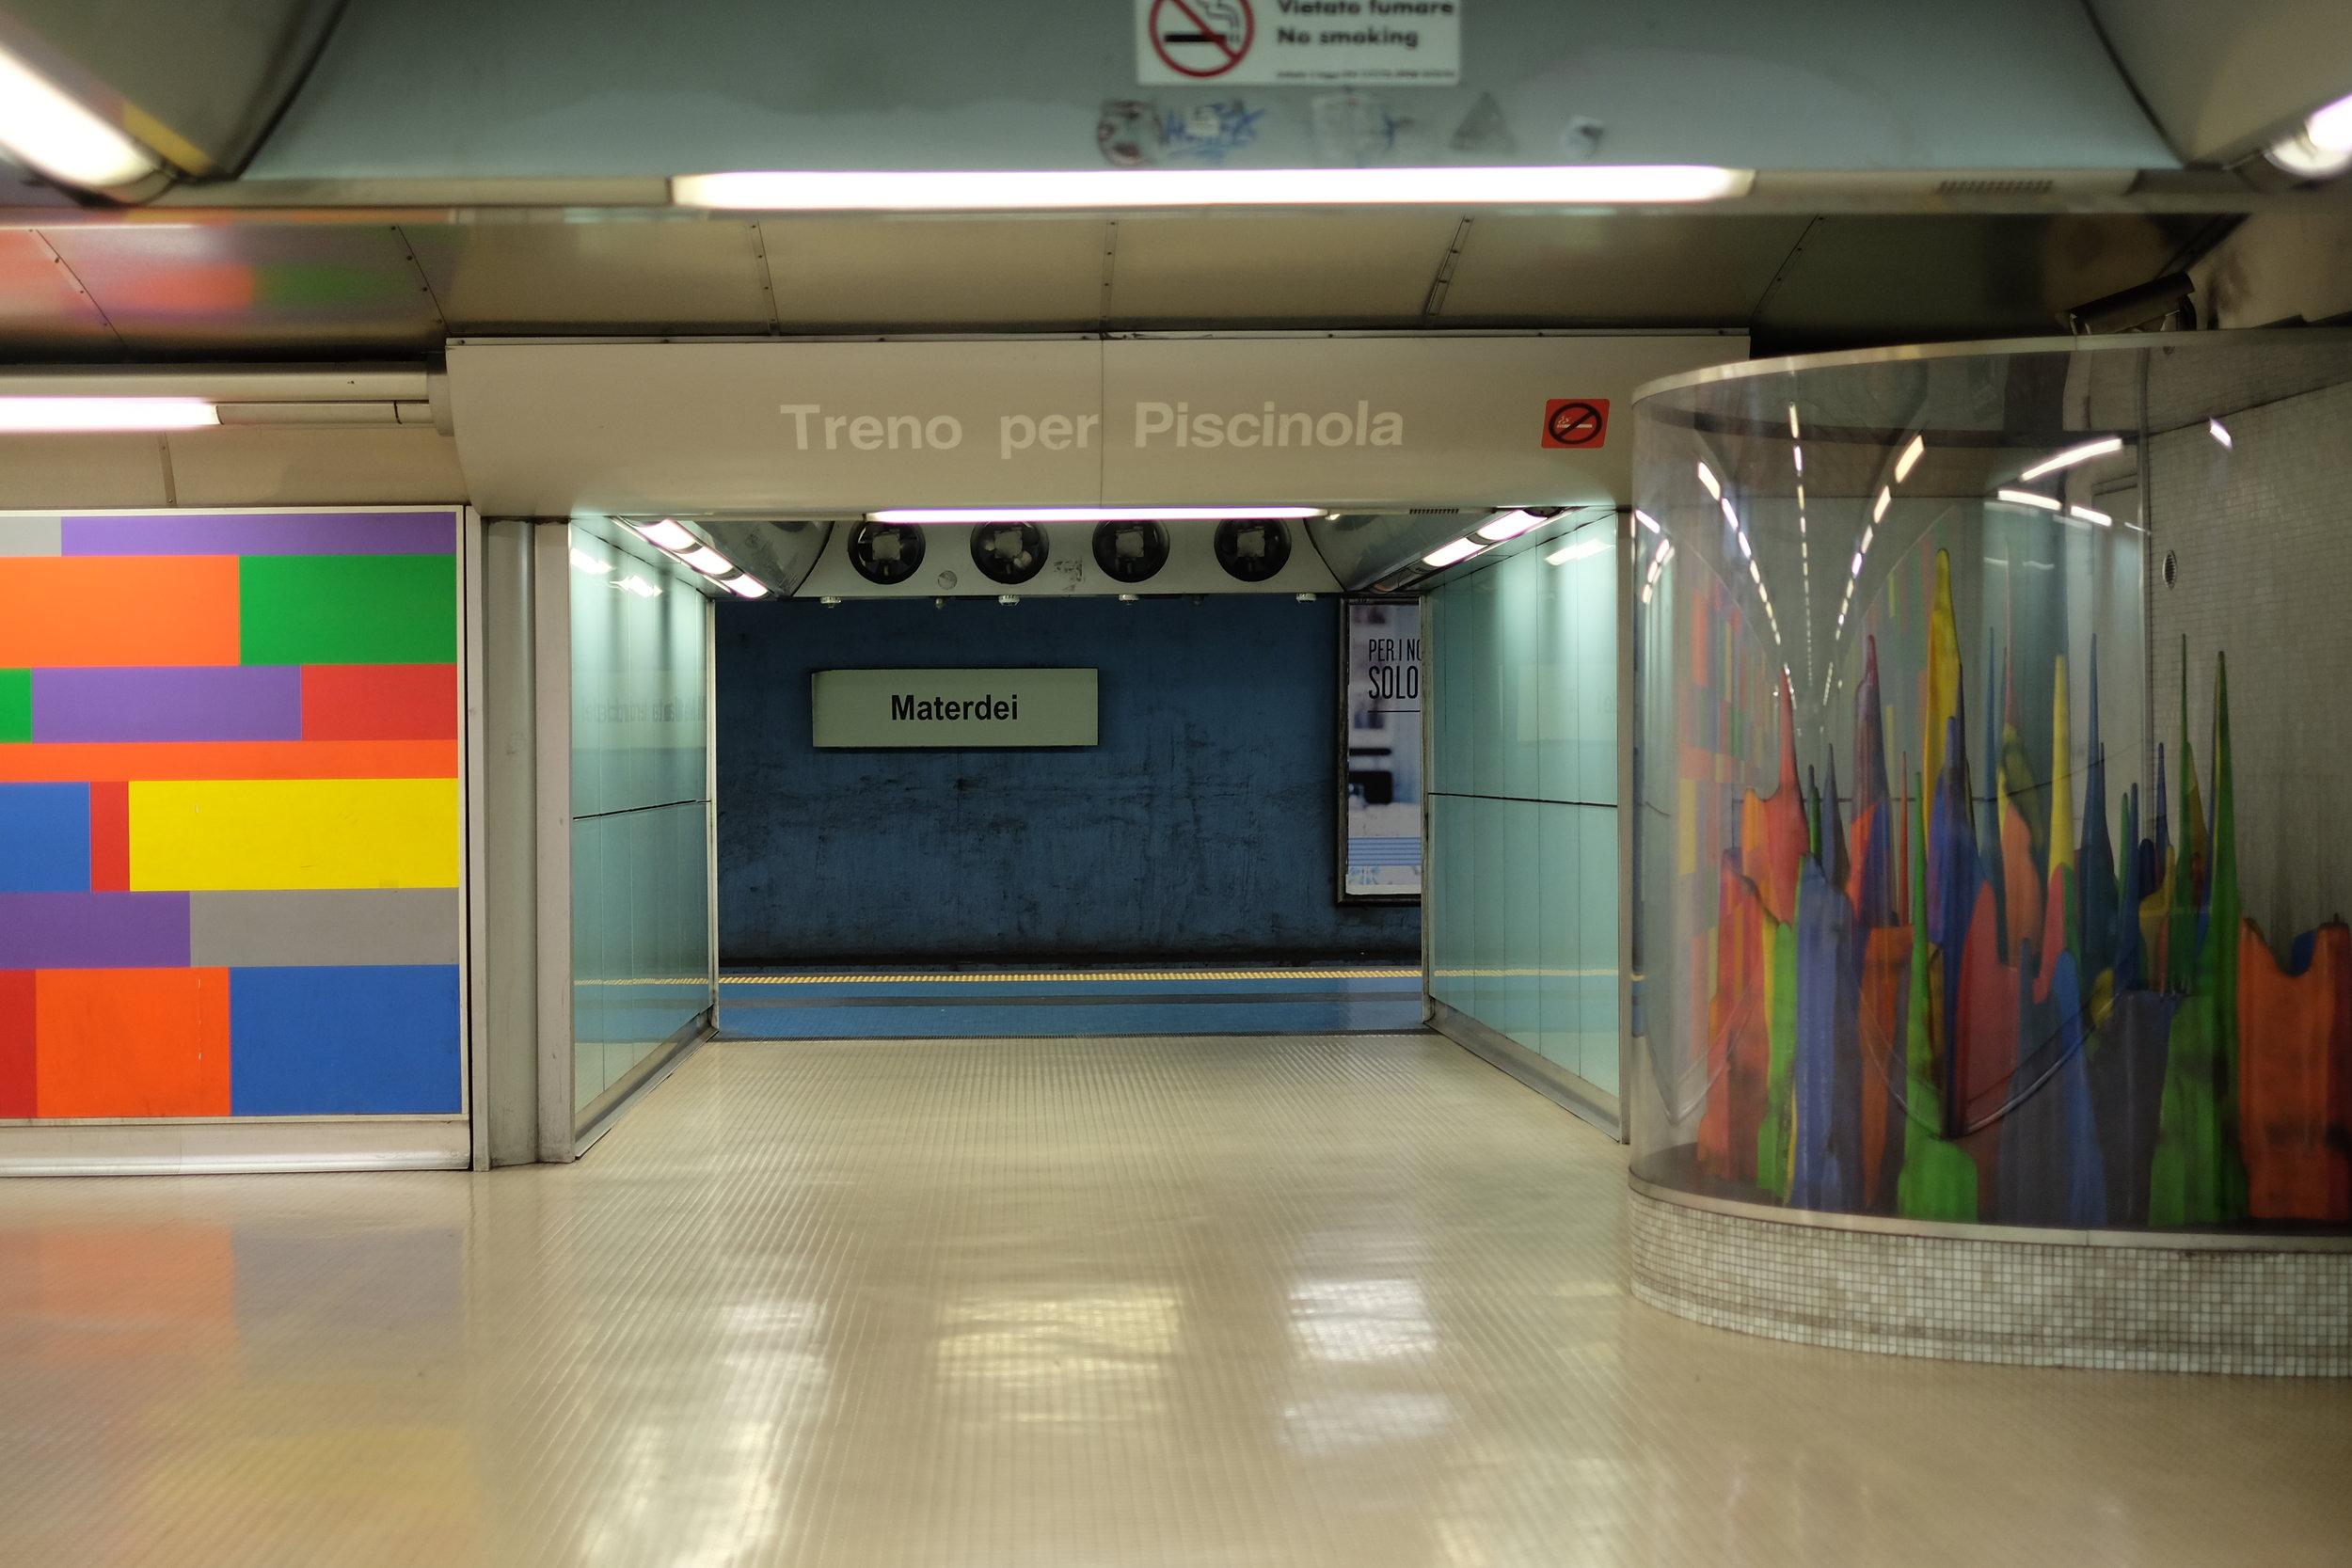 Materdei station platform.